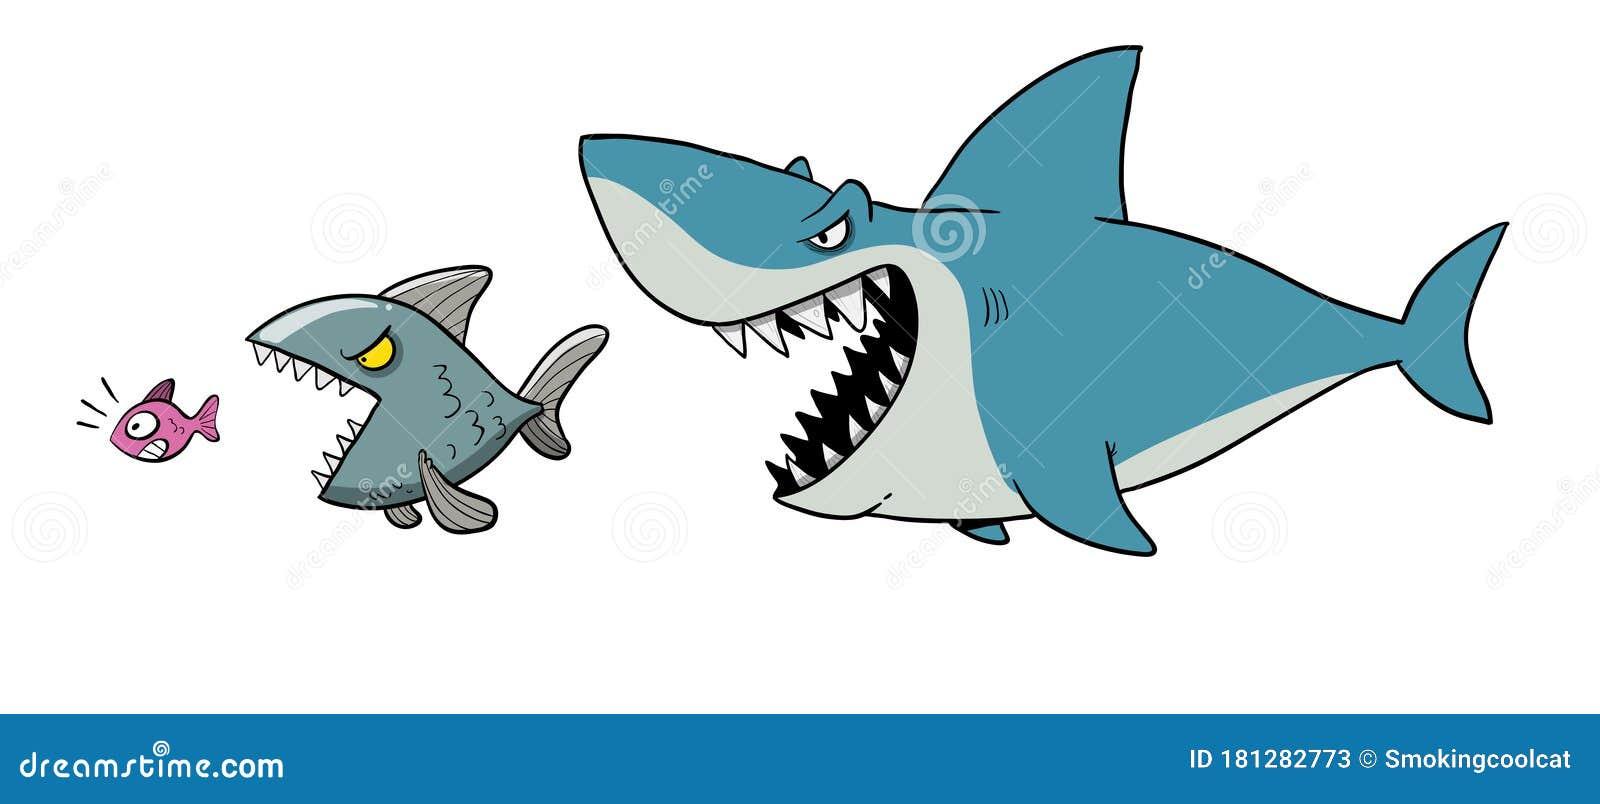 μεγάλο ψάρι τρώει μικρό ψάρι